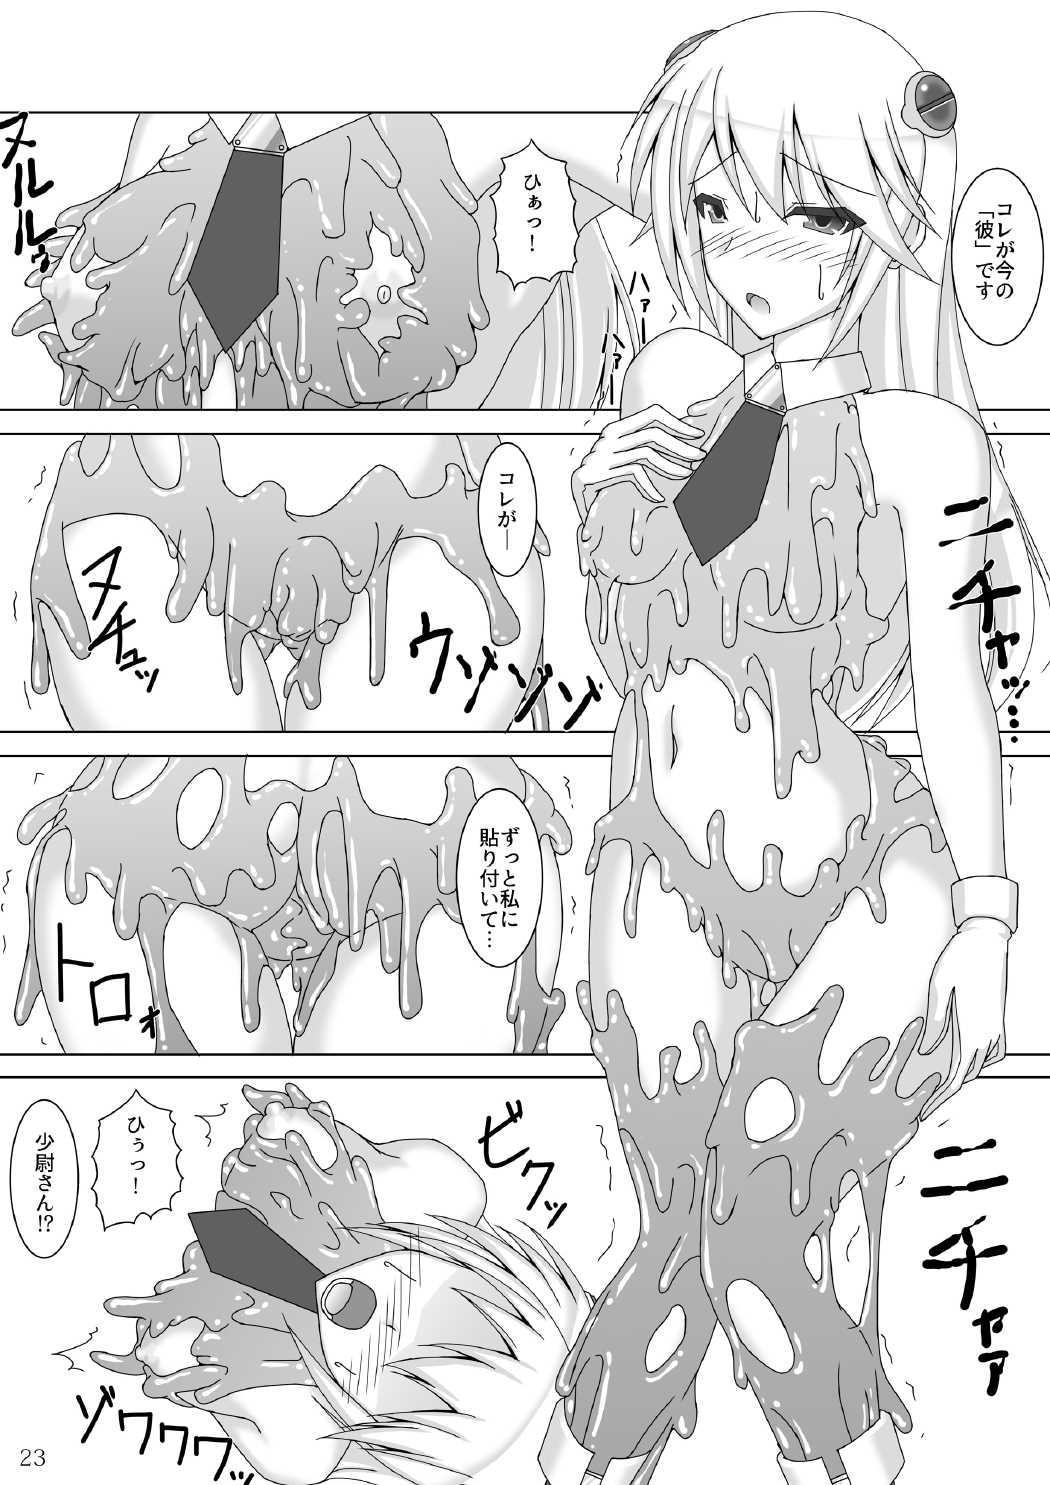 Arakune ga Kirai na Noel Nanka Imasen! Sanshiki 23